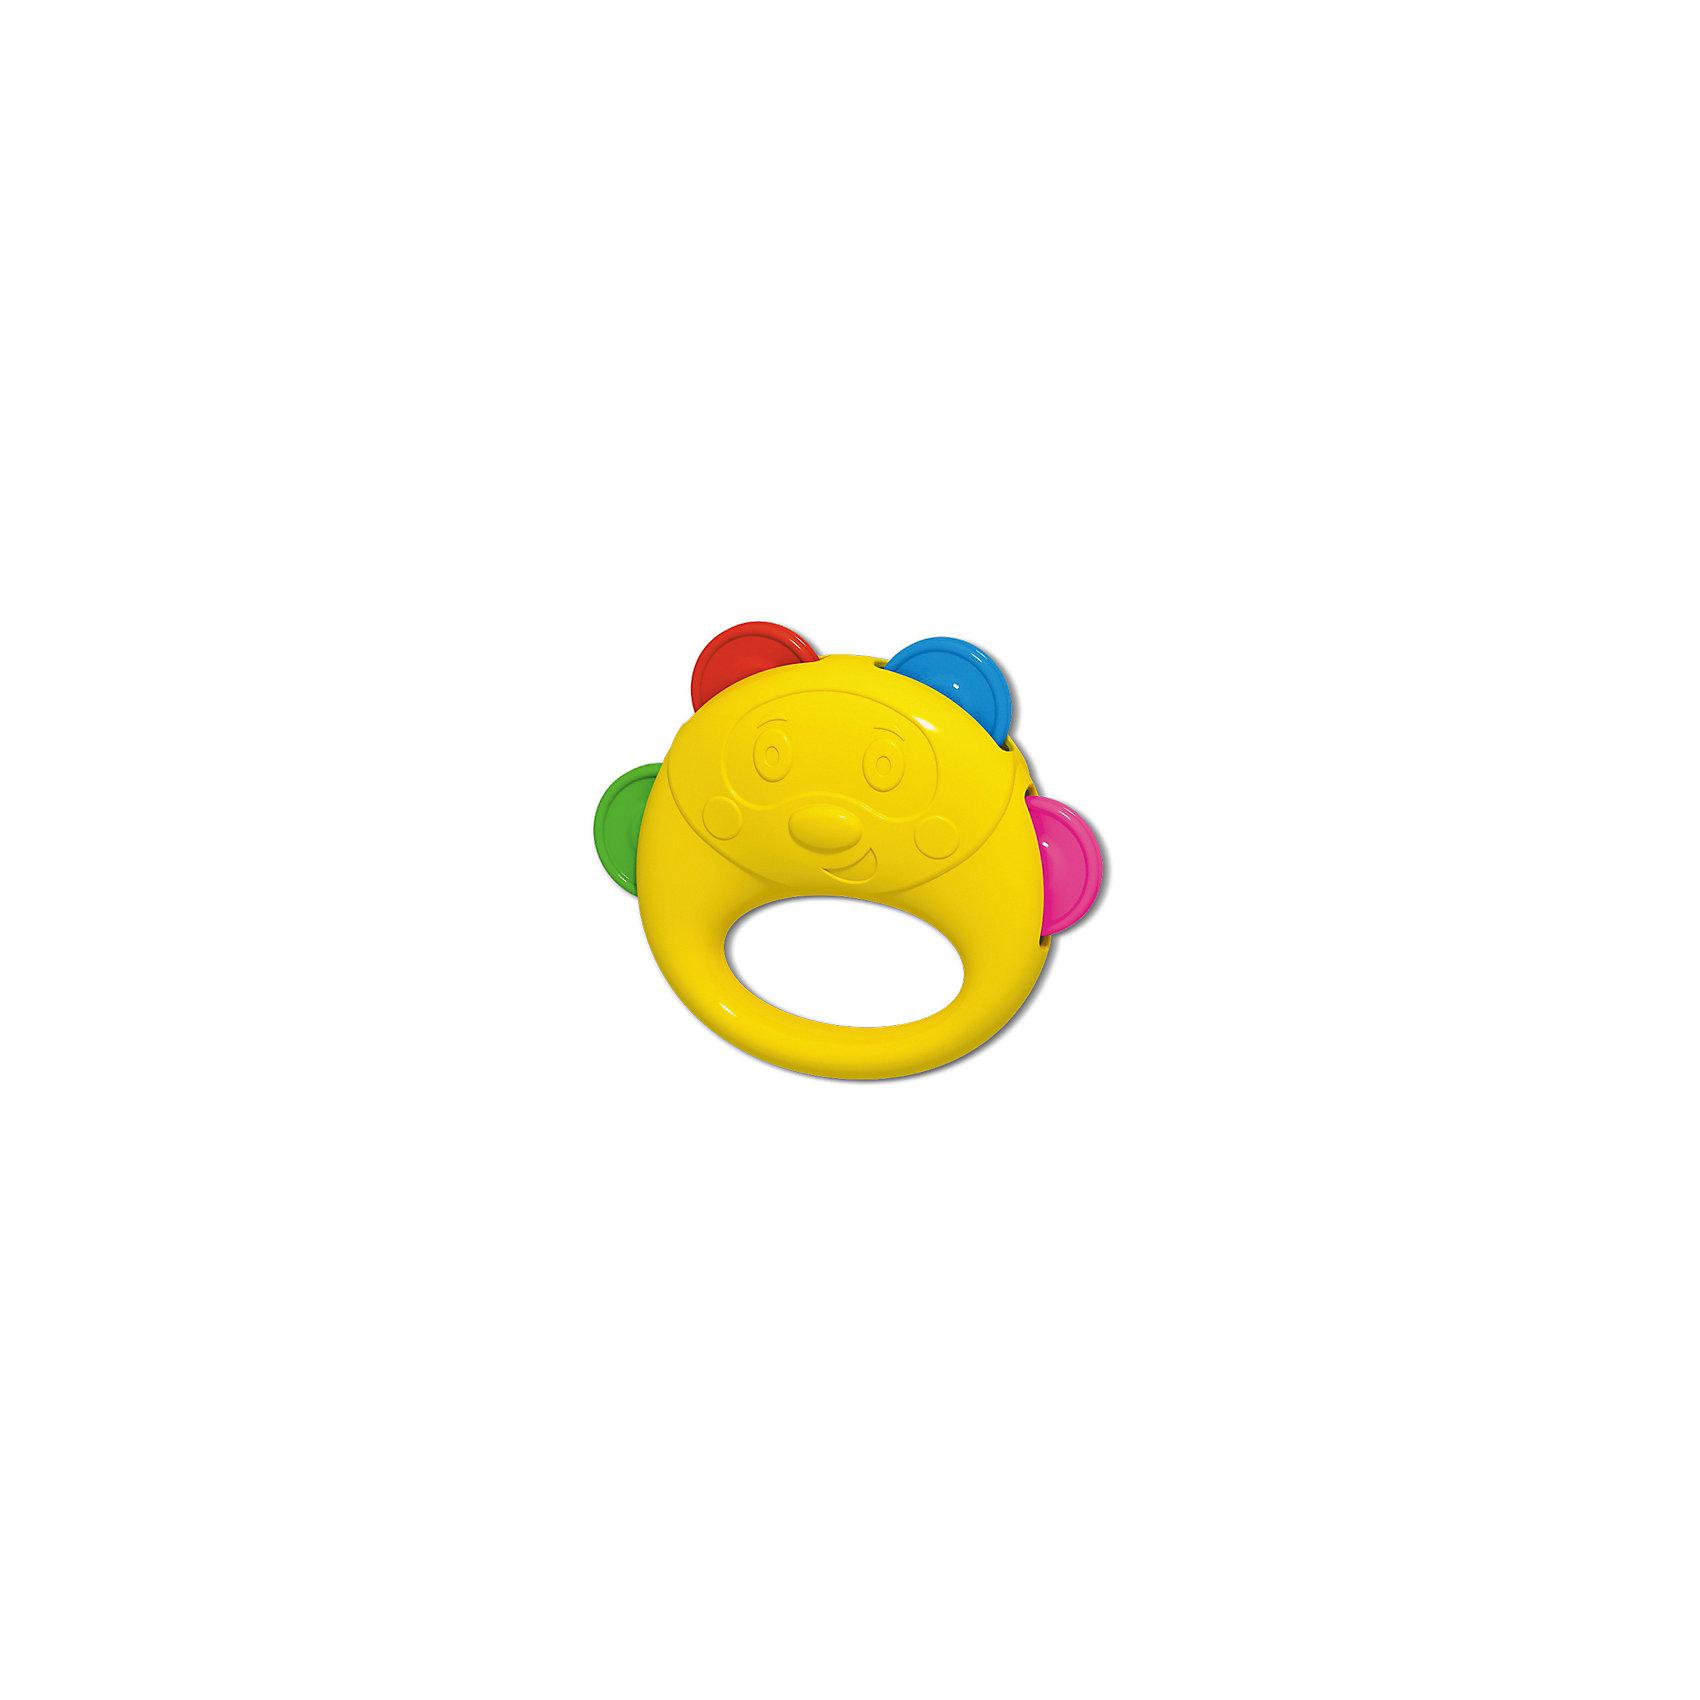 Бубен, StellarХарактеристики товара:<br><br>- цвет: разноцветный;<br>- материал: пластик;<br>- 4 пары дисков;<br>- вес: 60 гр.<br><br>Детская развивающая игрушка бубен – отличный подарок для ребенка. В процессе игры с детской погремушкой ребенок развивает моторику, тактильное восприятие, воображение, внимание и координацию движений, слуховые навыки. Игрушка погремушка издает приятный звук, когда ребенок ее трясет, а также игрушка снабжена удобной ручкой. Этот яркий бубен сделан специально для маленьких ручек ребёнка. <br>Такая погремушка-бубен позволит малышу с детства развивать слух и музыкальные способности. Изделие произведено из качественных материалов, безопасных для ребенка.<br><br>Бубен от бренда Stellar можно купить в нашем интернет-магазине.<br><br>Ширина мм: 125<br>Глубина мм: 40<br>Высота мм: 210<br>Вес г: 60<br>Возраст от месяцев: 36<br>Возраст до месяцев: 2147483647<br>Пол: Унисекс<br>Возраст: Детский<br>SKU: 5079947